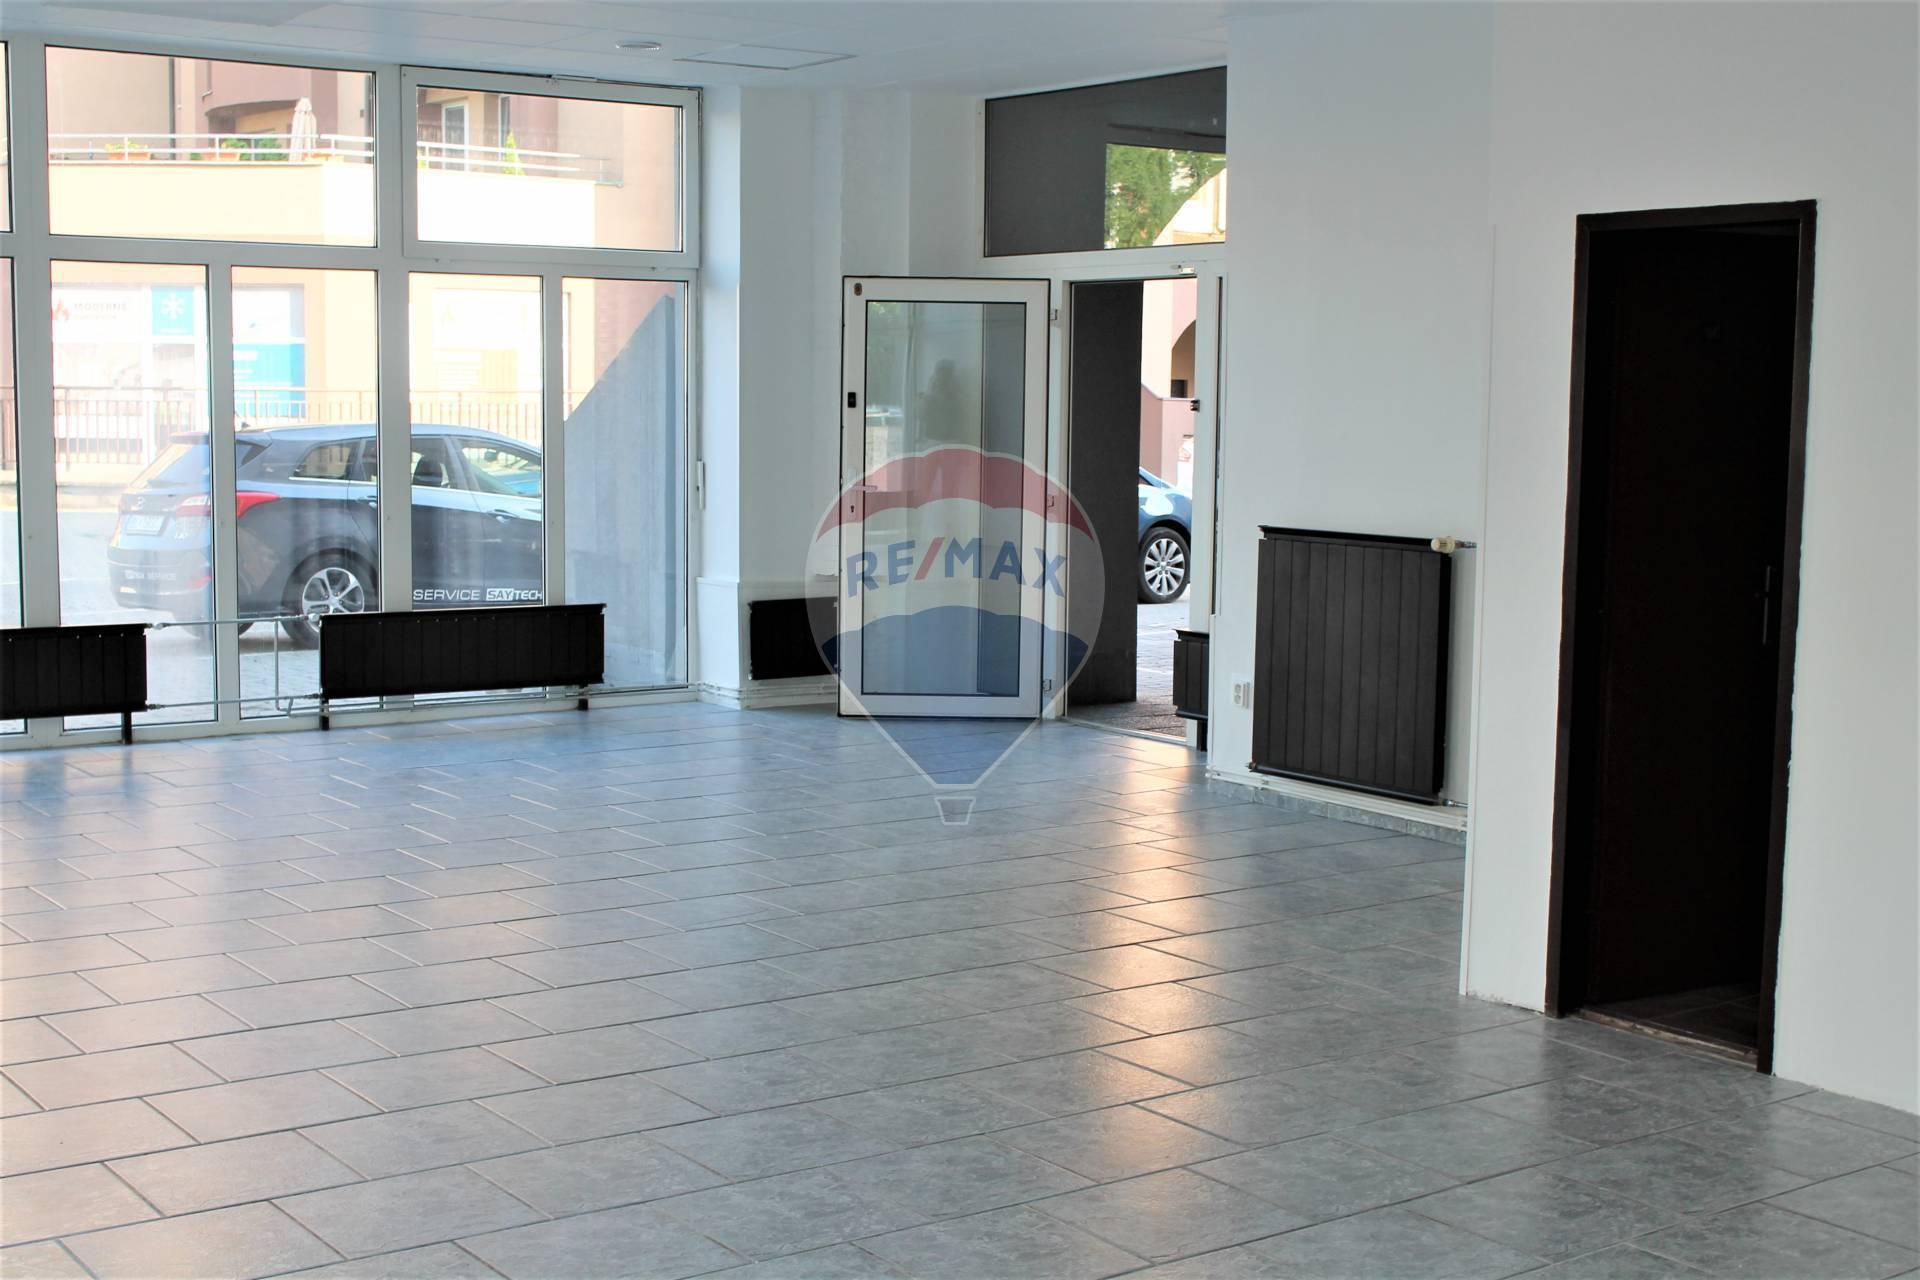 PREDAJ: obchodné priestory 72 m2, Centrum, Lichnerova ul., Senec.